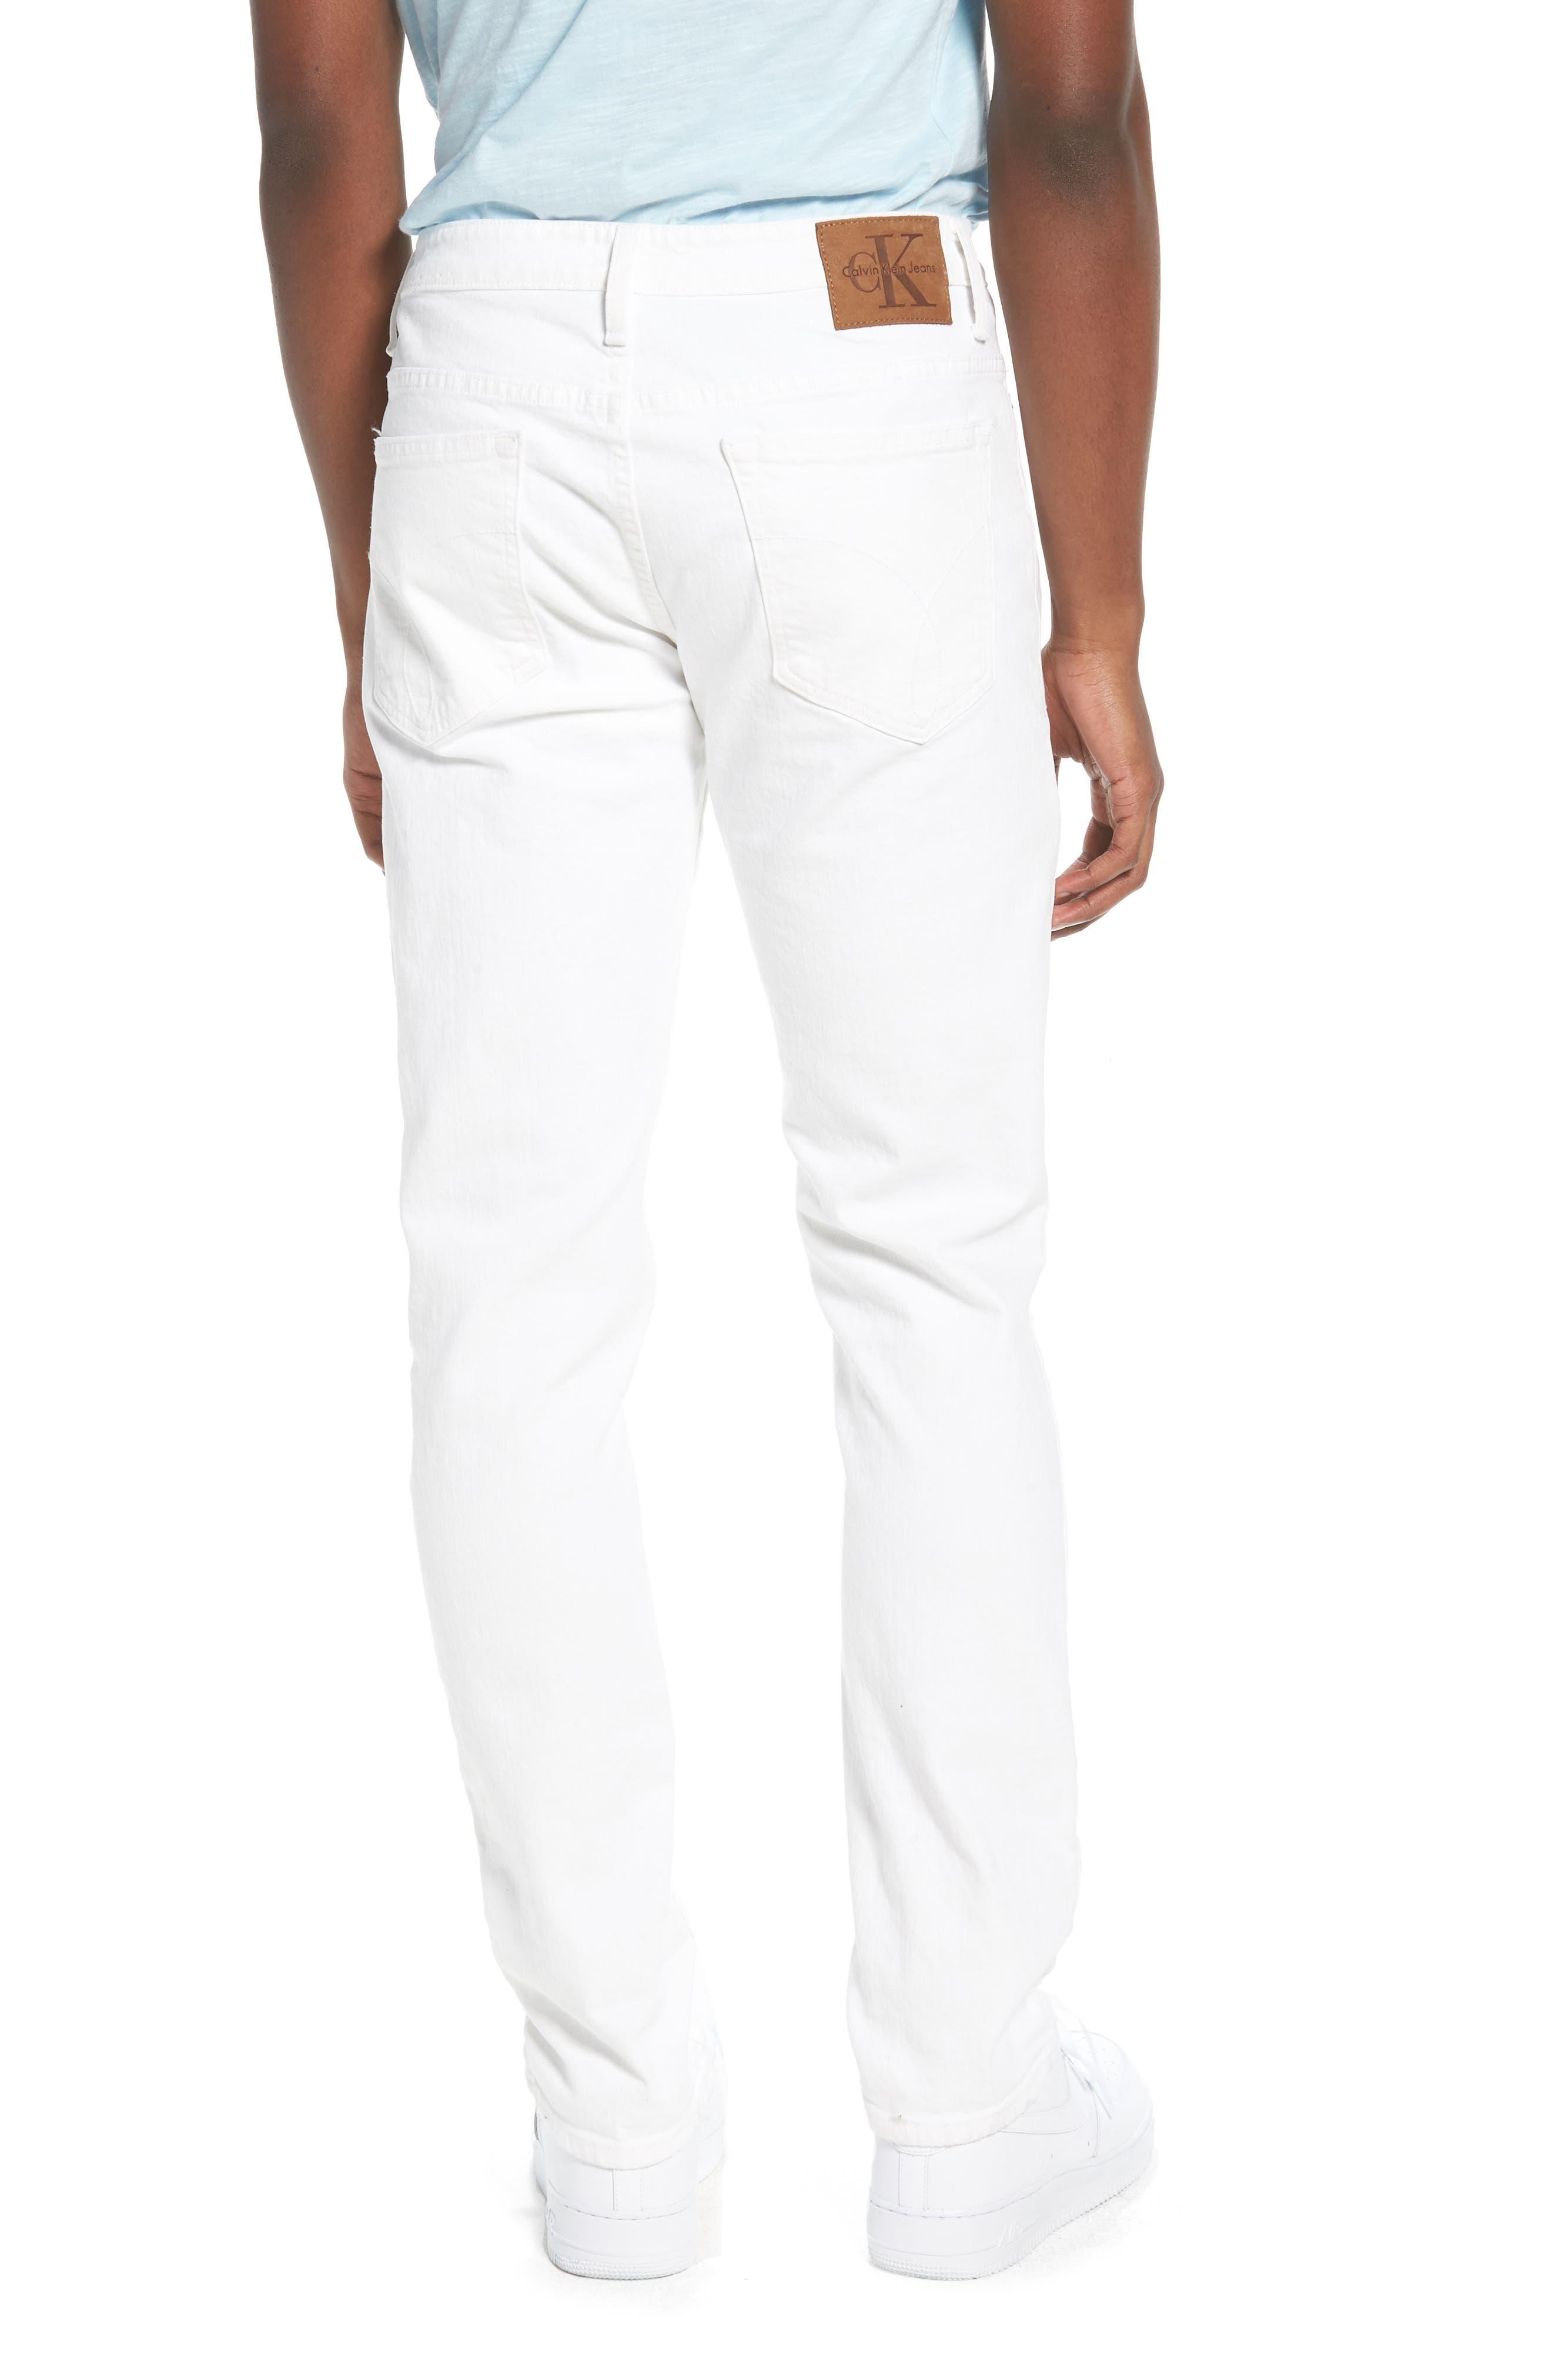 Skinny Jeans,                             Alternate thumbnail 2, color,                             Door White Destruct